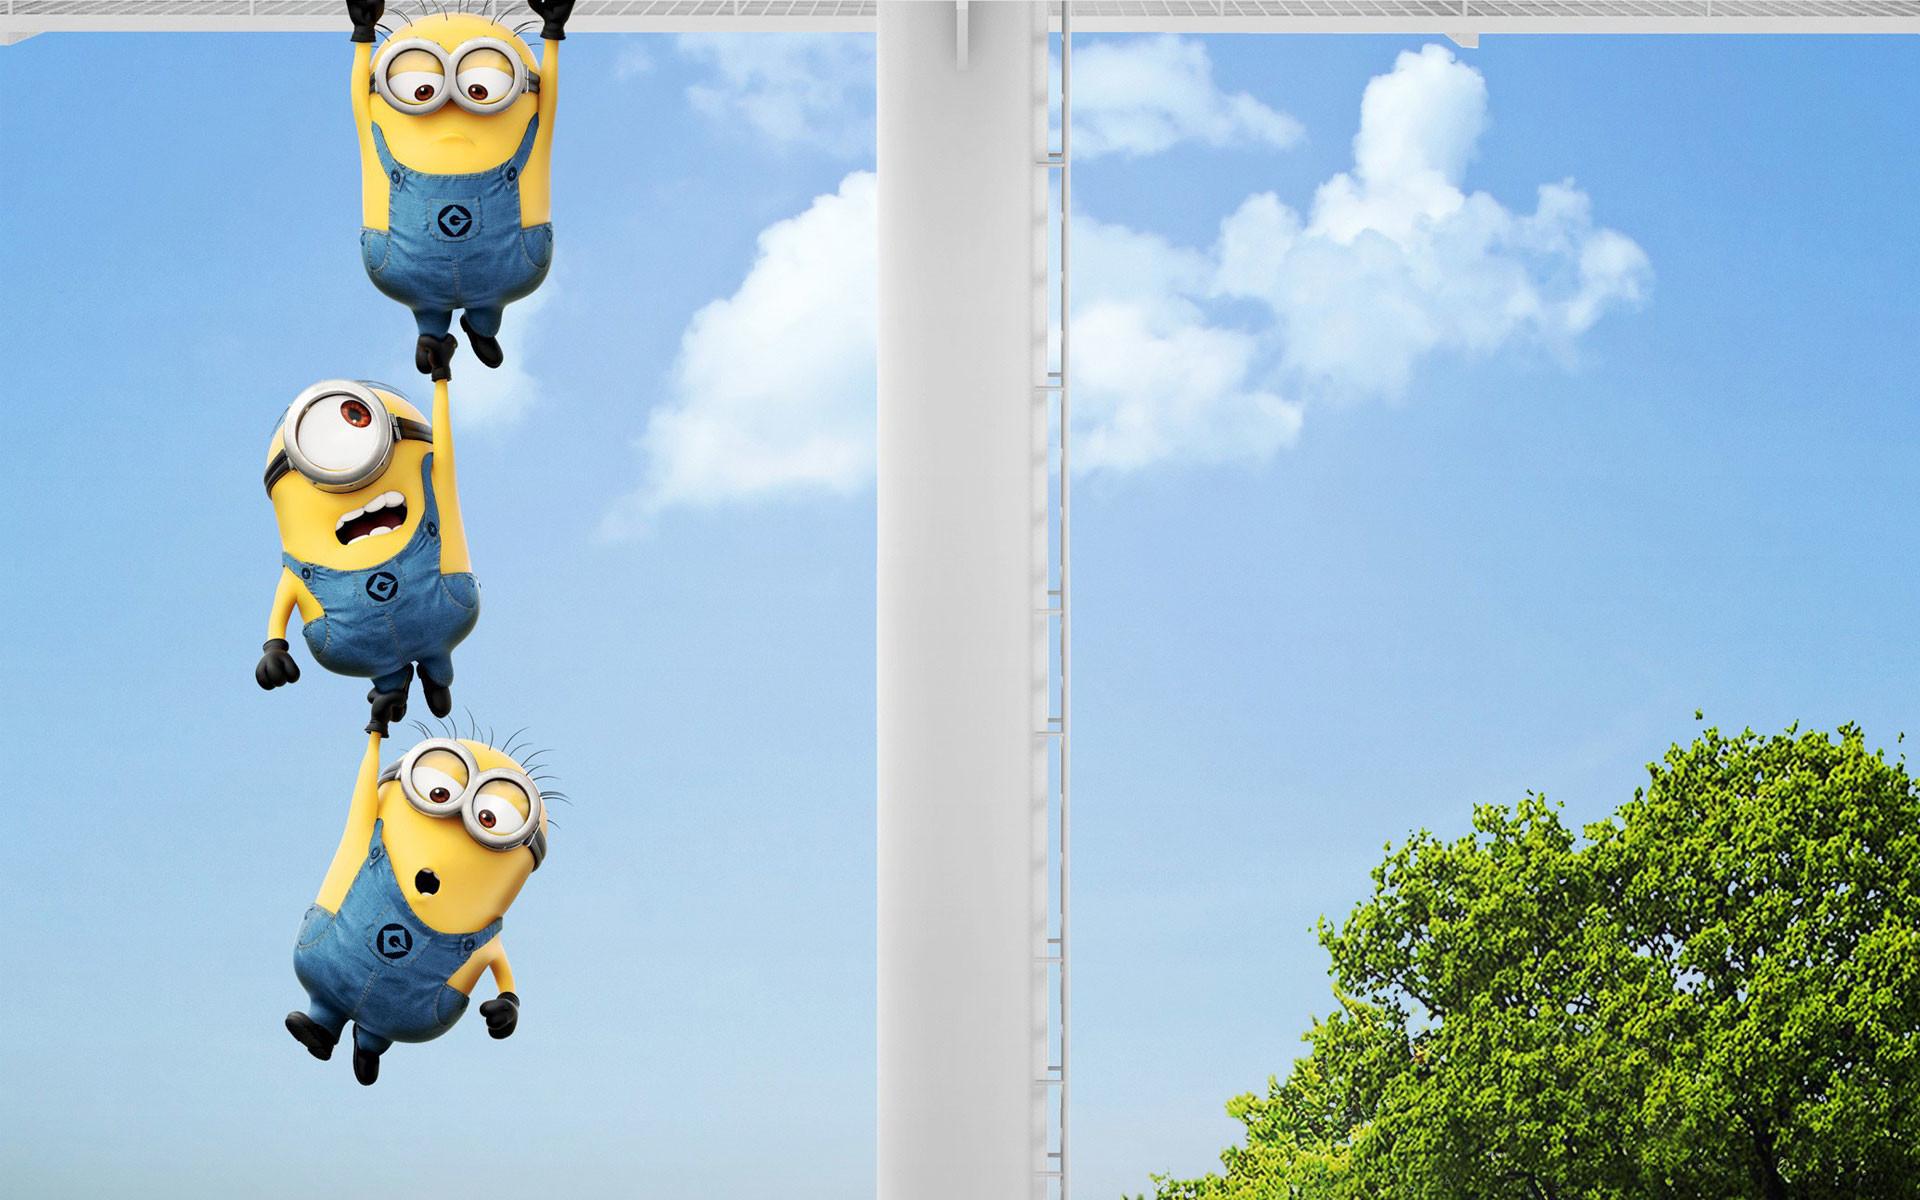 Minions Despicable Me 2 Desktop Wallpapers & Backgrounds